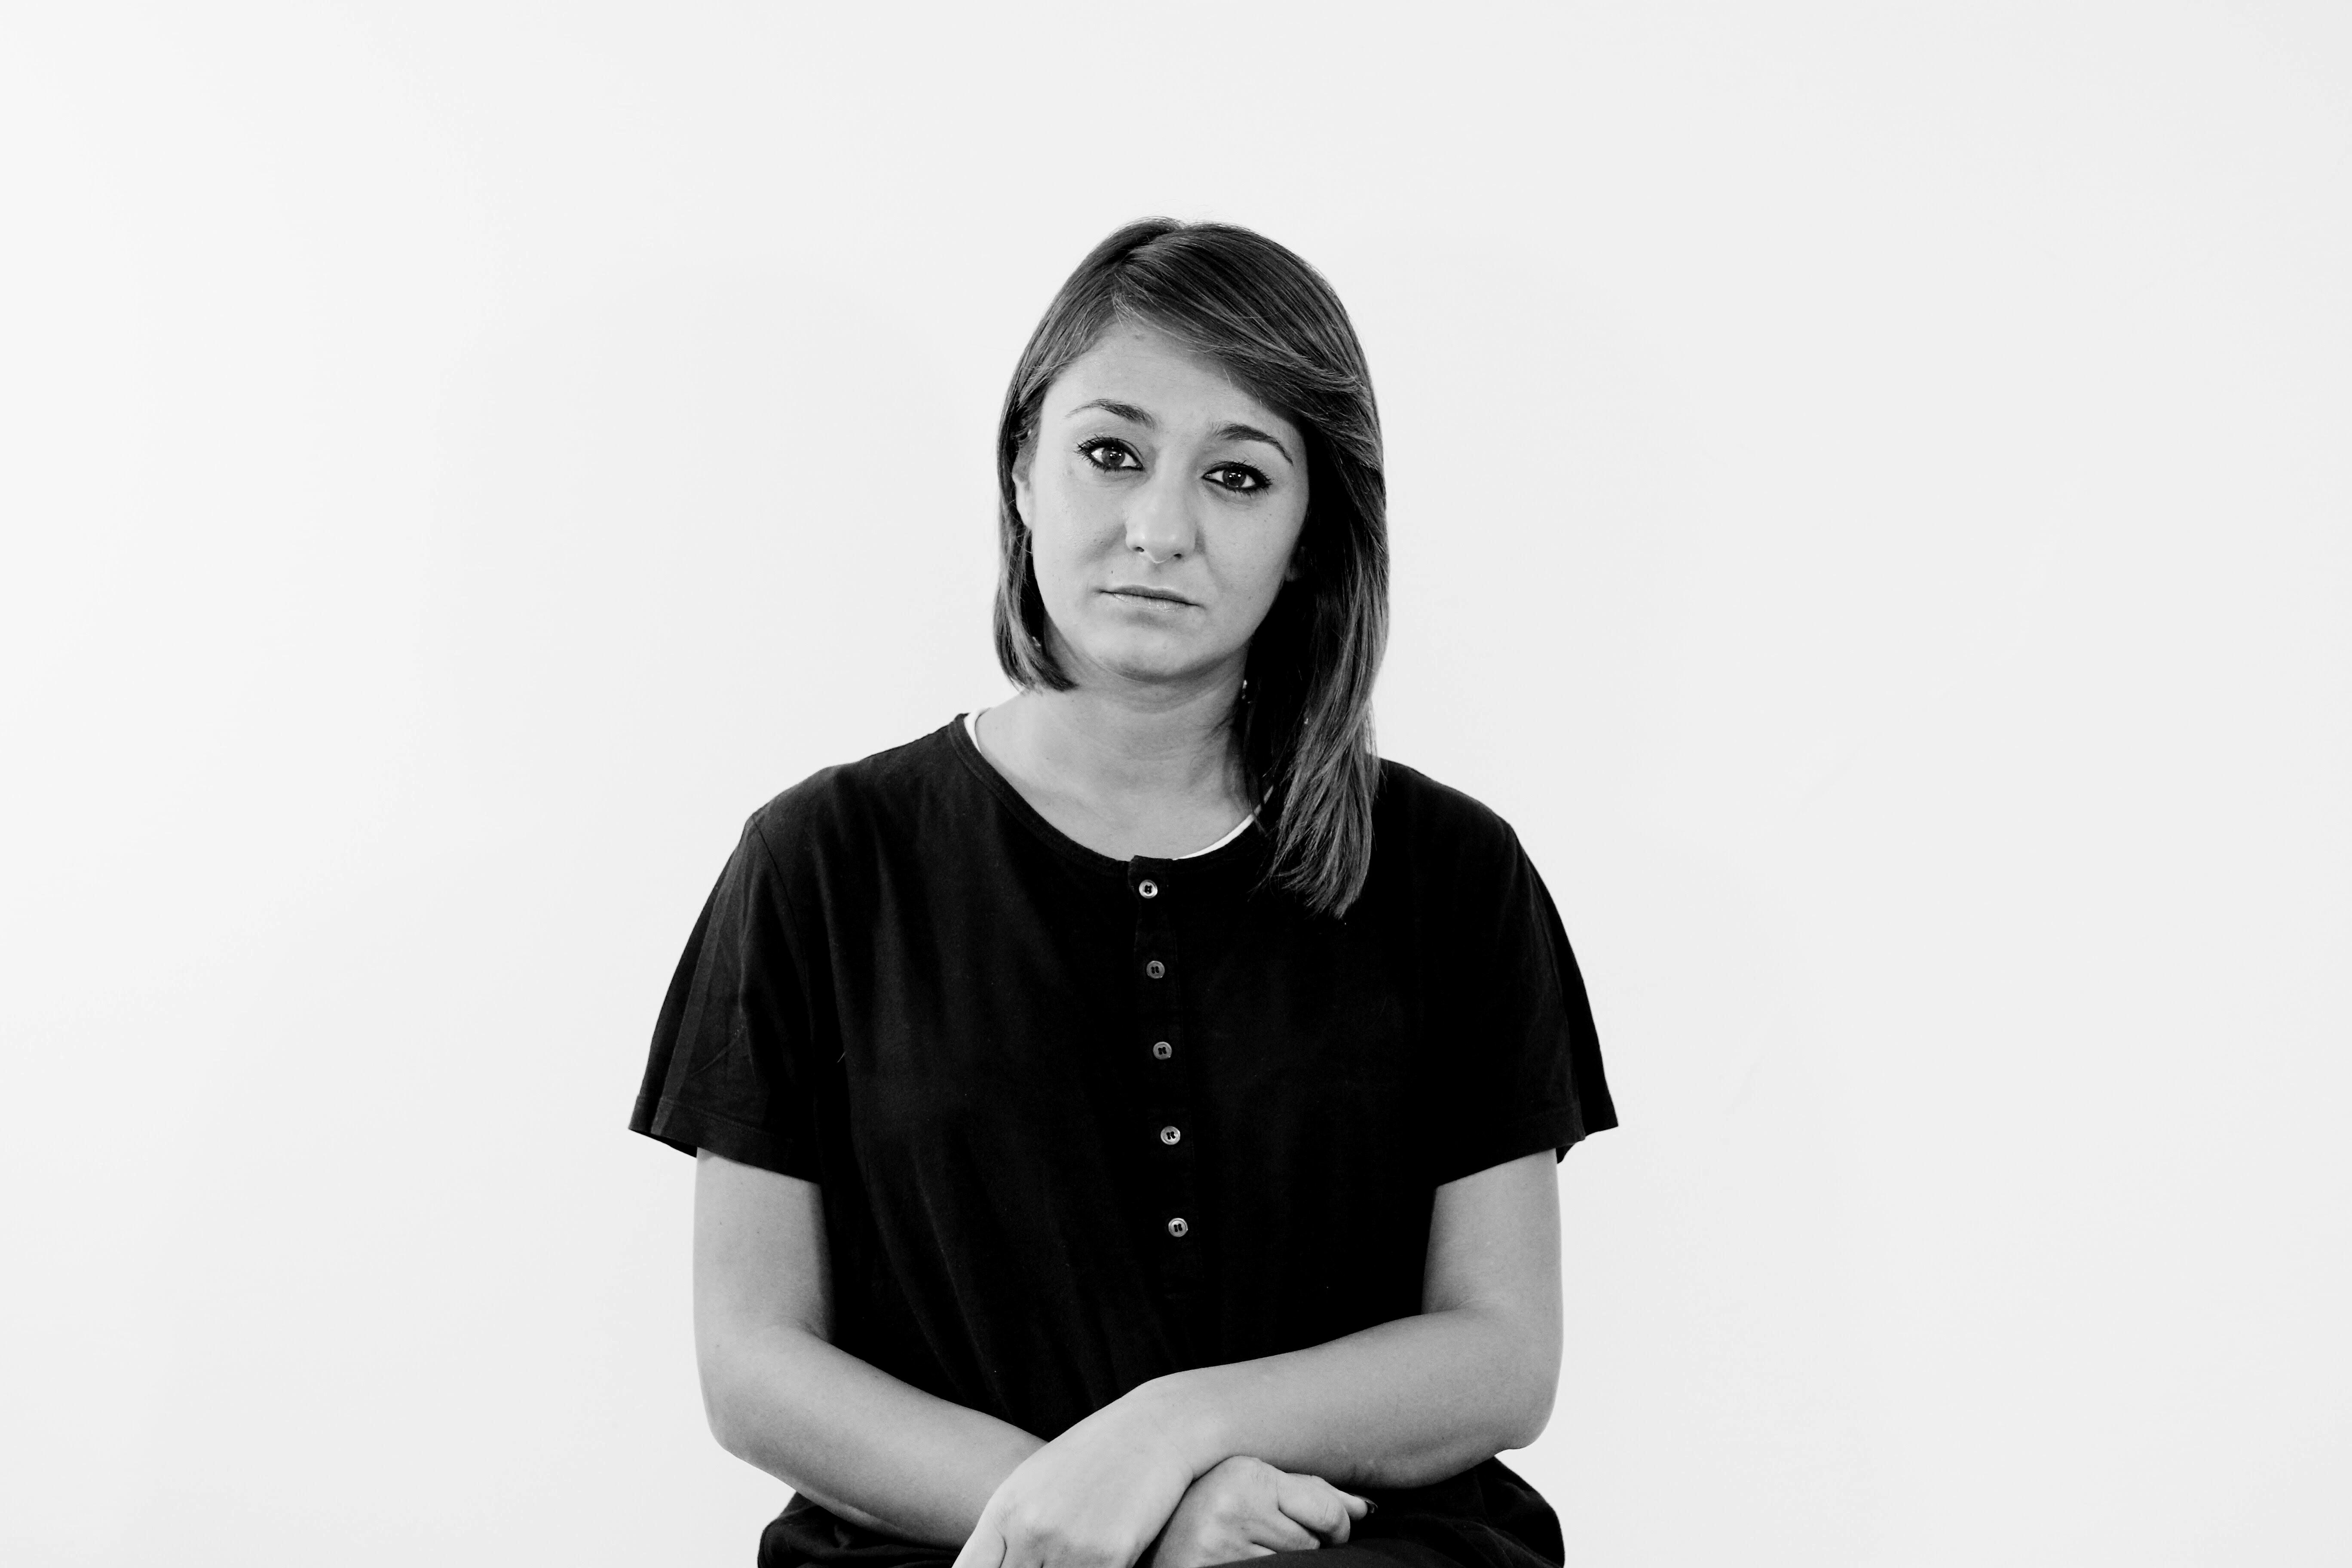 Carmen Cacciapaglia